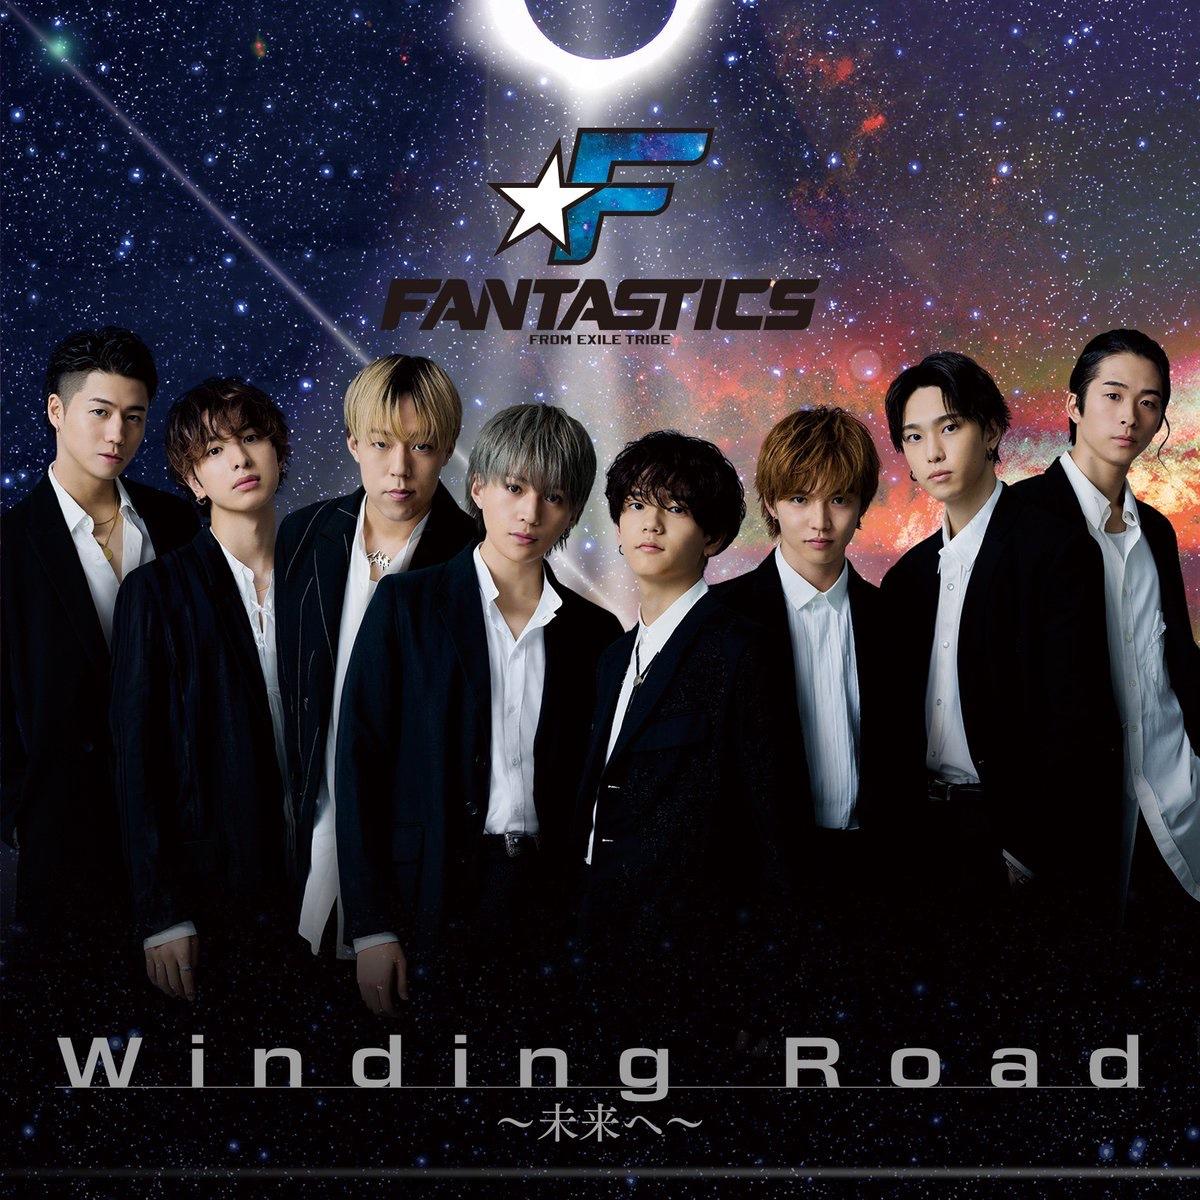 9/23(水)発売💿 6th Single「Winding Road〜未来へ〜」  📸GROUP PHOTO📸 📸CD JACKET📸  #FANTASTICS #WindingRoad #未来へ